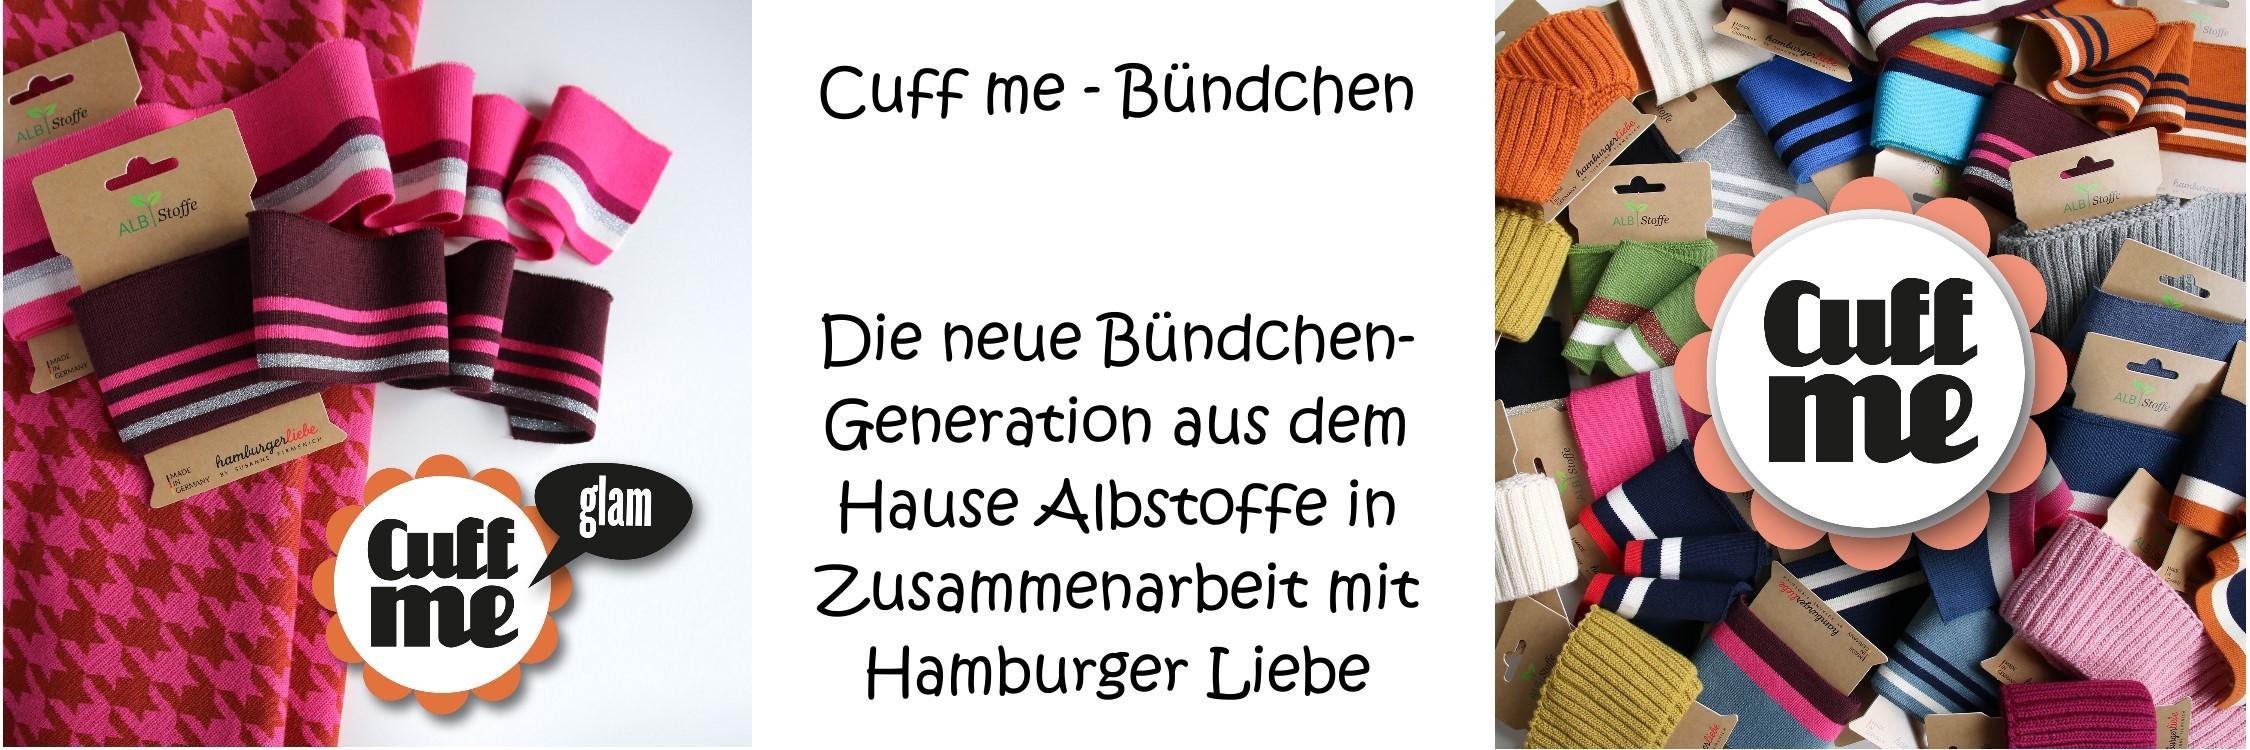 Hamburger Liebe Cuff Me Bündchen - Die neue B